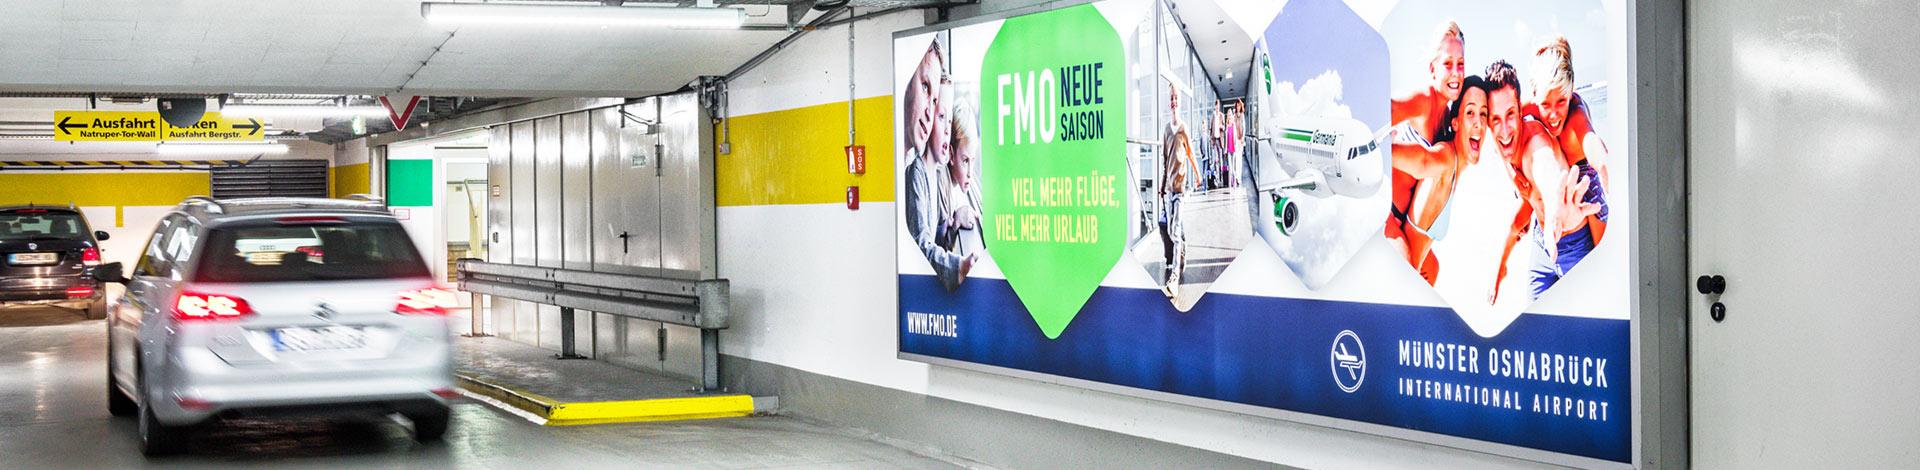 Die Osnabrücker Parkstätten-Betriebsgesellschaft bietet vielfältige Möglichkeiten der werblichen Kundenansprache.